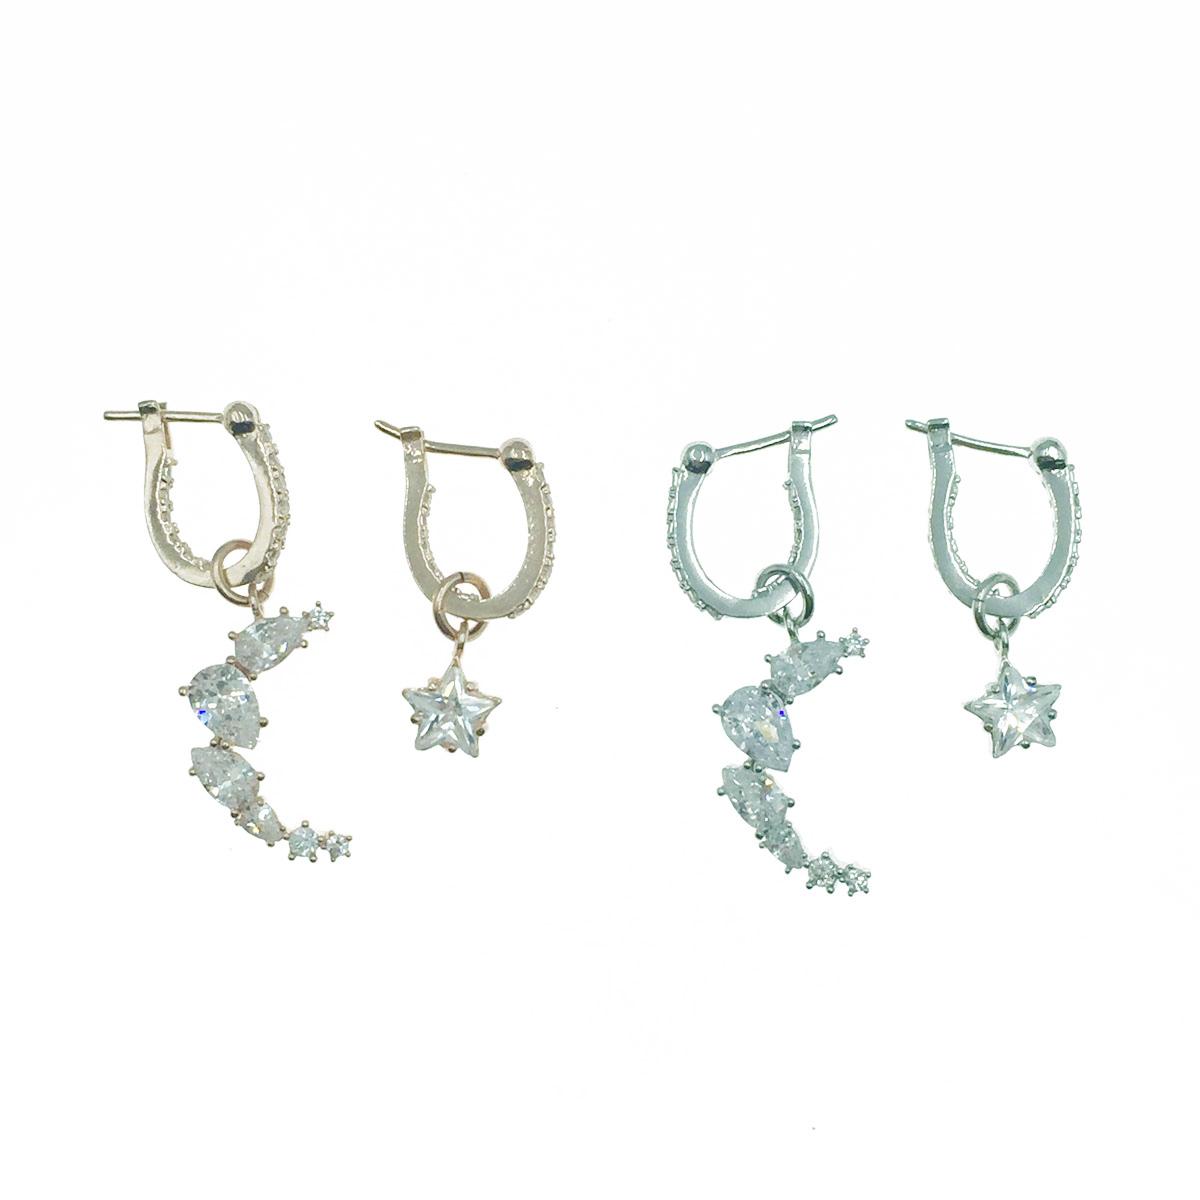 韓國 925純銀 韓劇 德魯納酒店 IU同款耳環 月亮星星鑽 2色 耳針式耳環